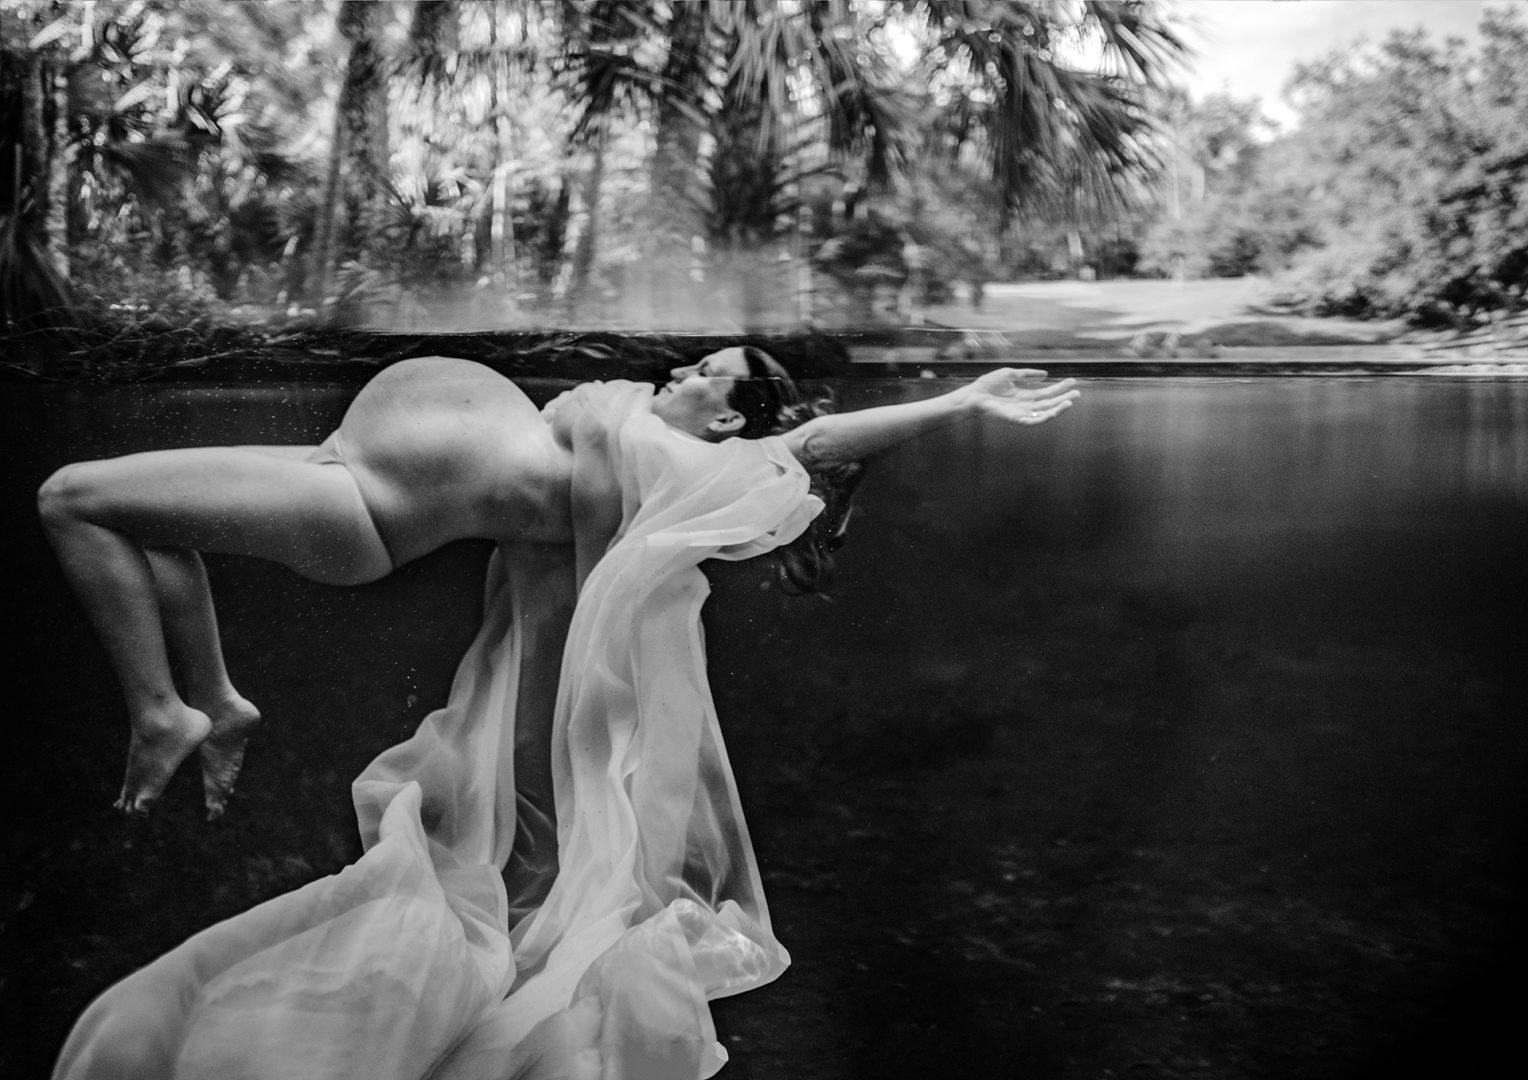 Gestante na água - melhor foto na categoria gravidez - concurso Birth Becomes Her